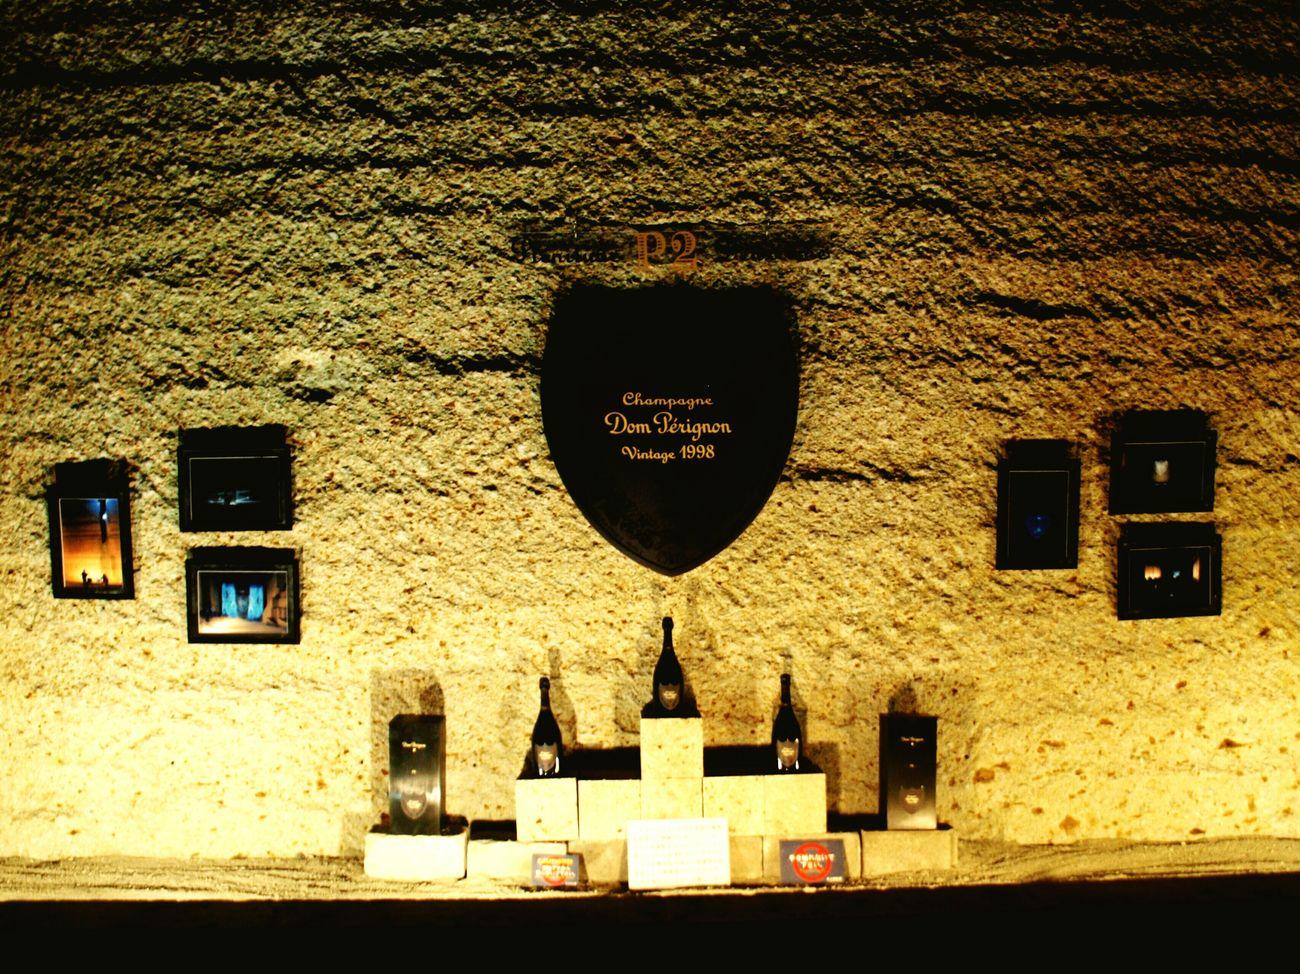 ドン・ペリニヨン Donperignon アンティーク Antique Lights Light And Shadows 大谷石採石場跡 一回くらいは飲んでみたいです(笑)